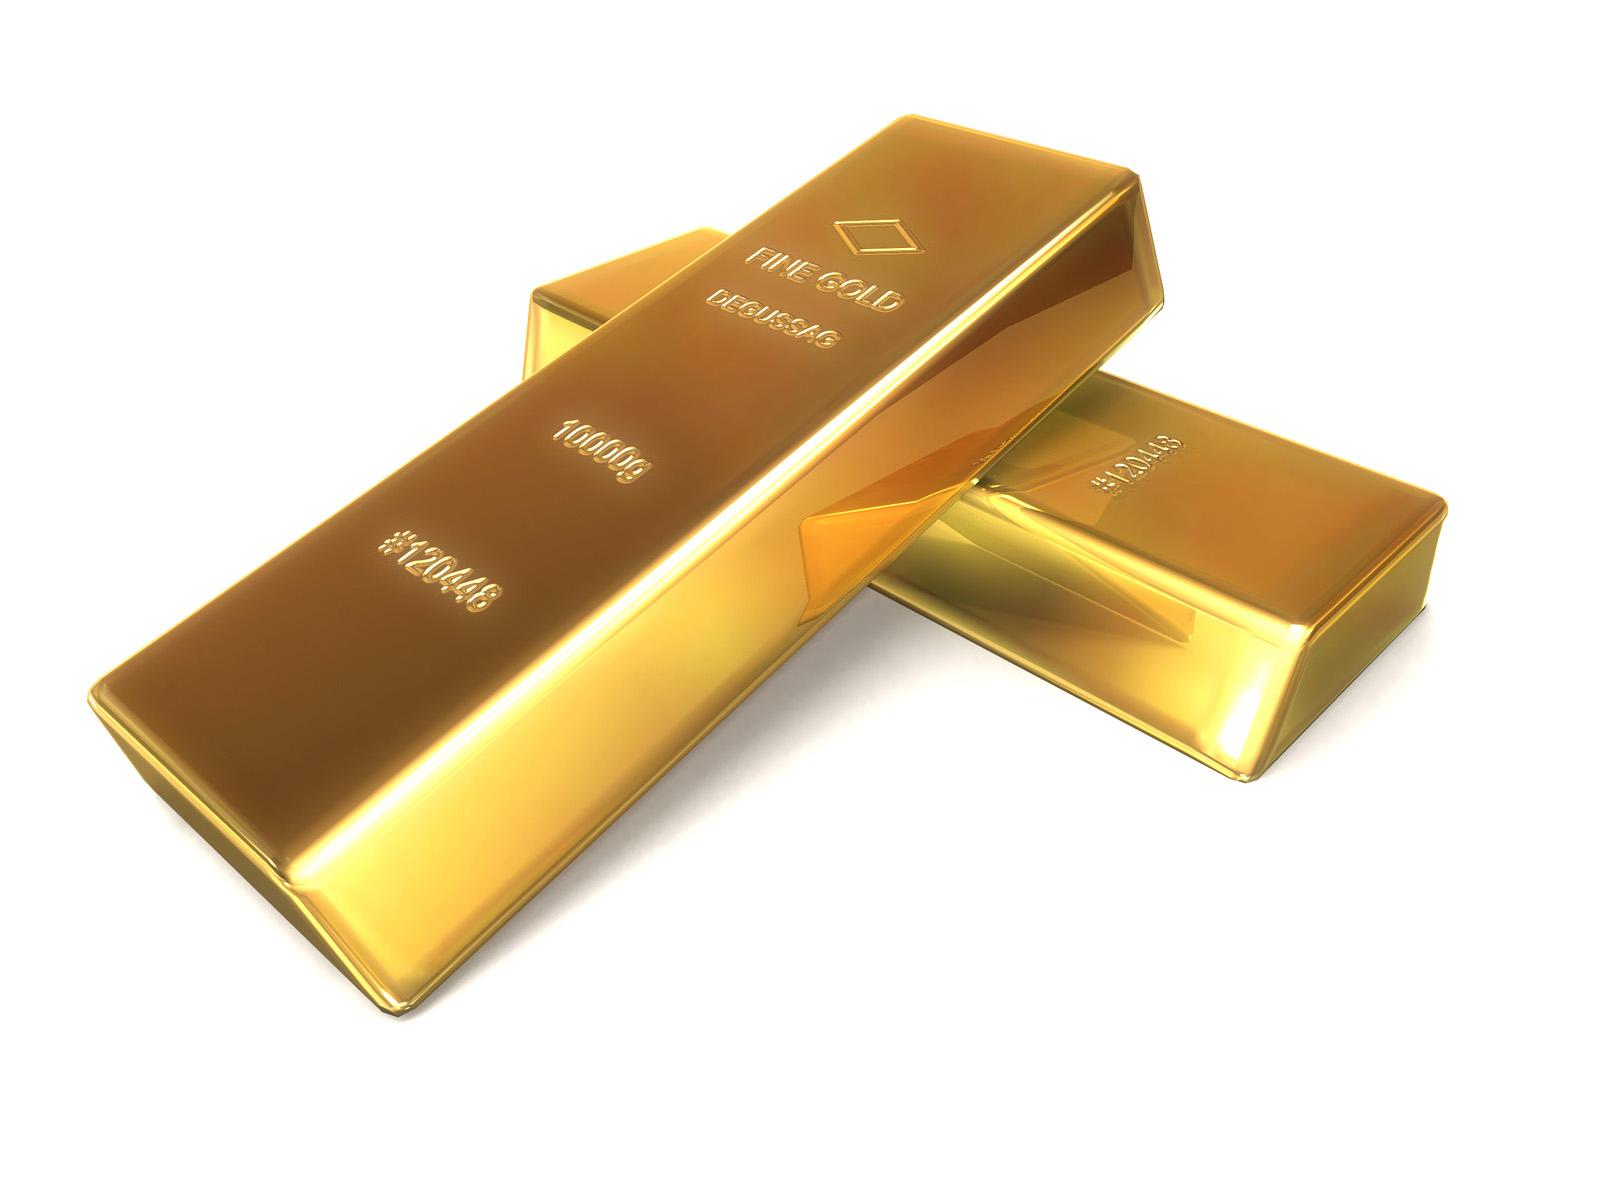 http://3.bp.blogspot.com/-fp_d1-COE2E/Tvfbb7KhvaI/AAAAAAAAFxc/lJq8Oyk_f2Y/s1600/gold-006.jpg